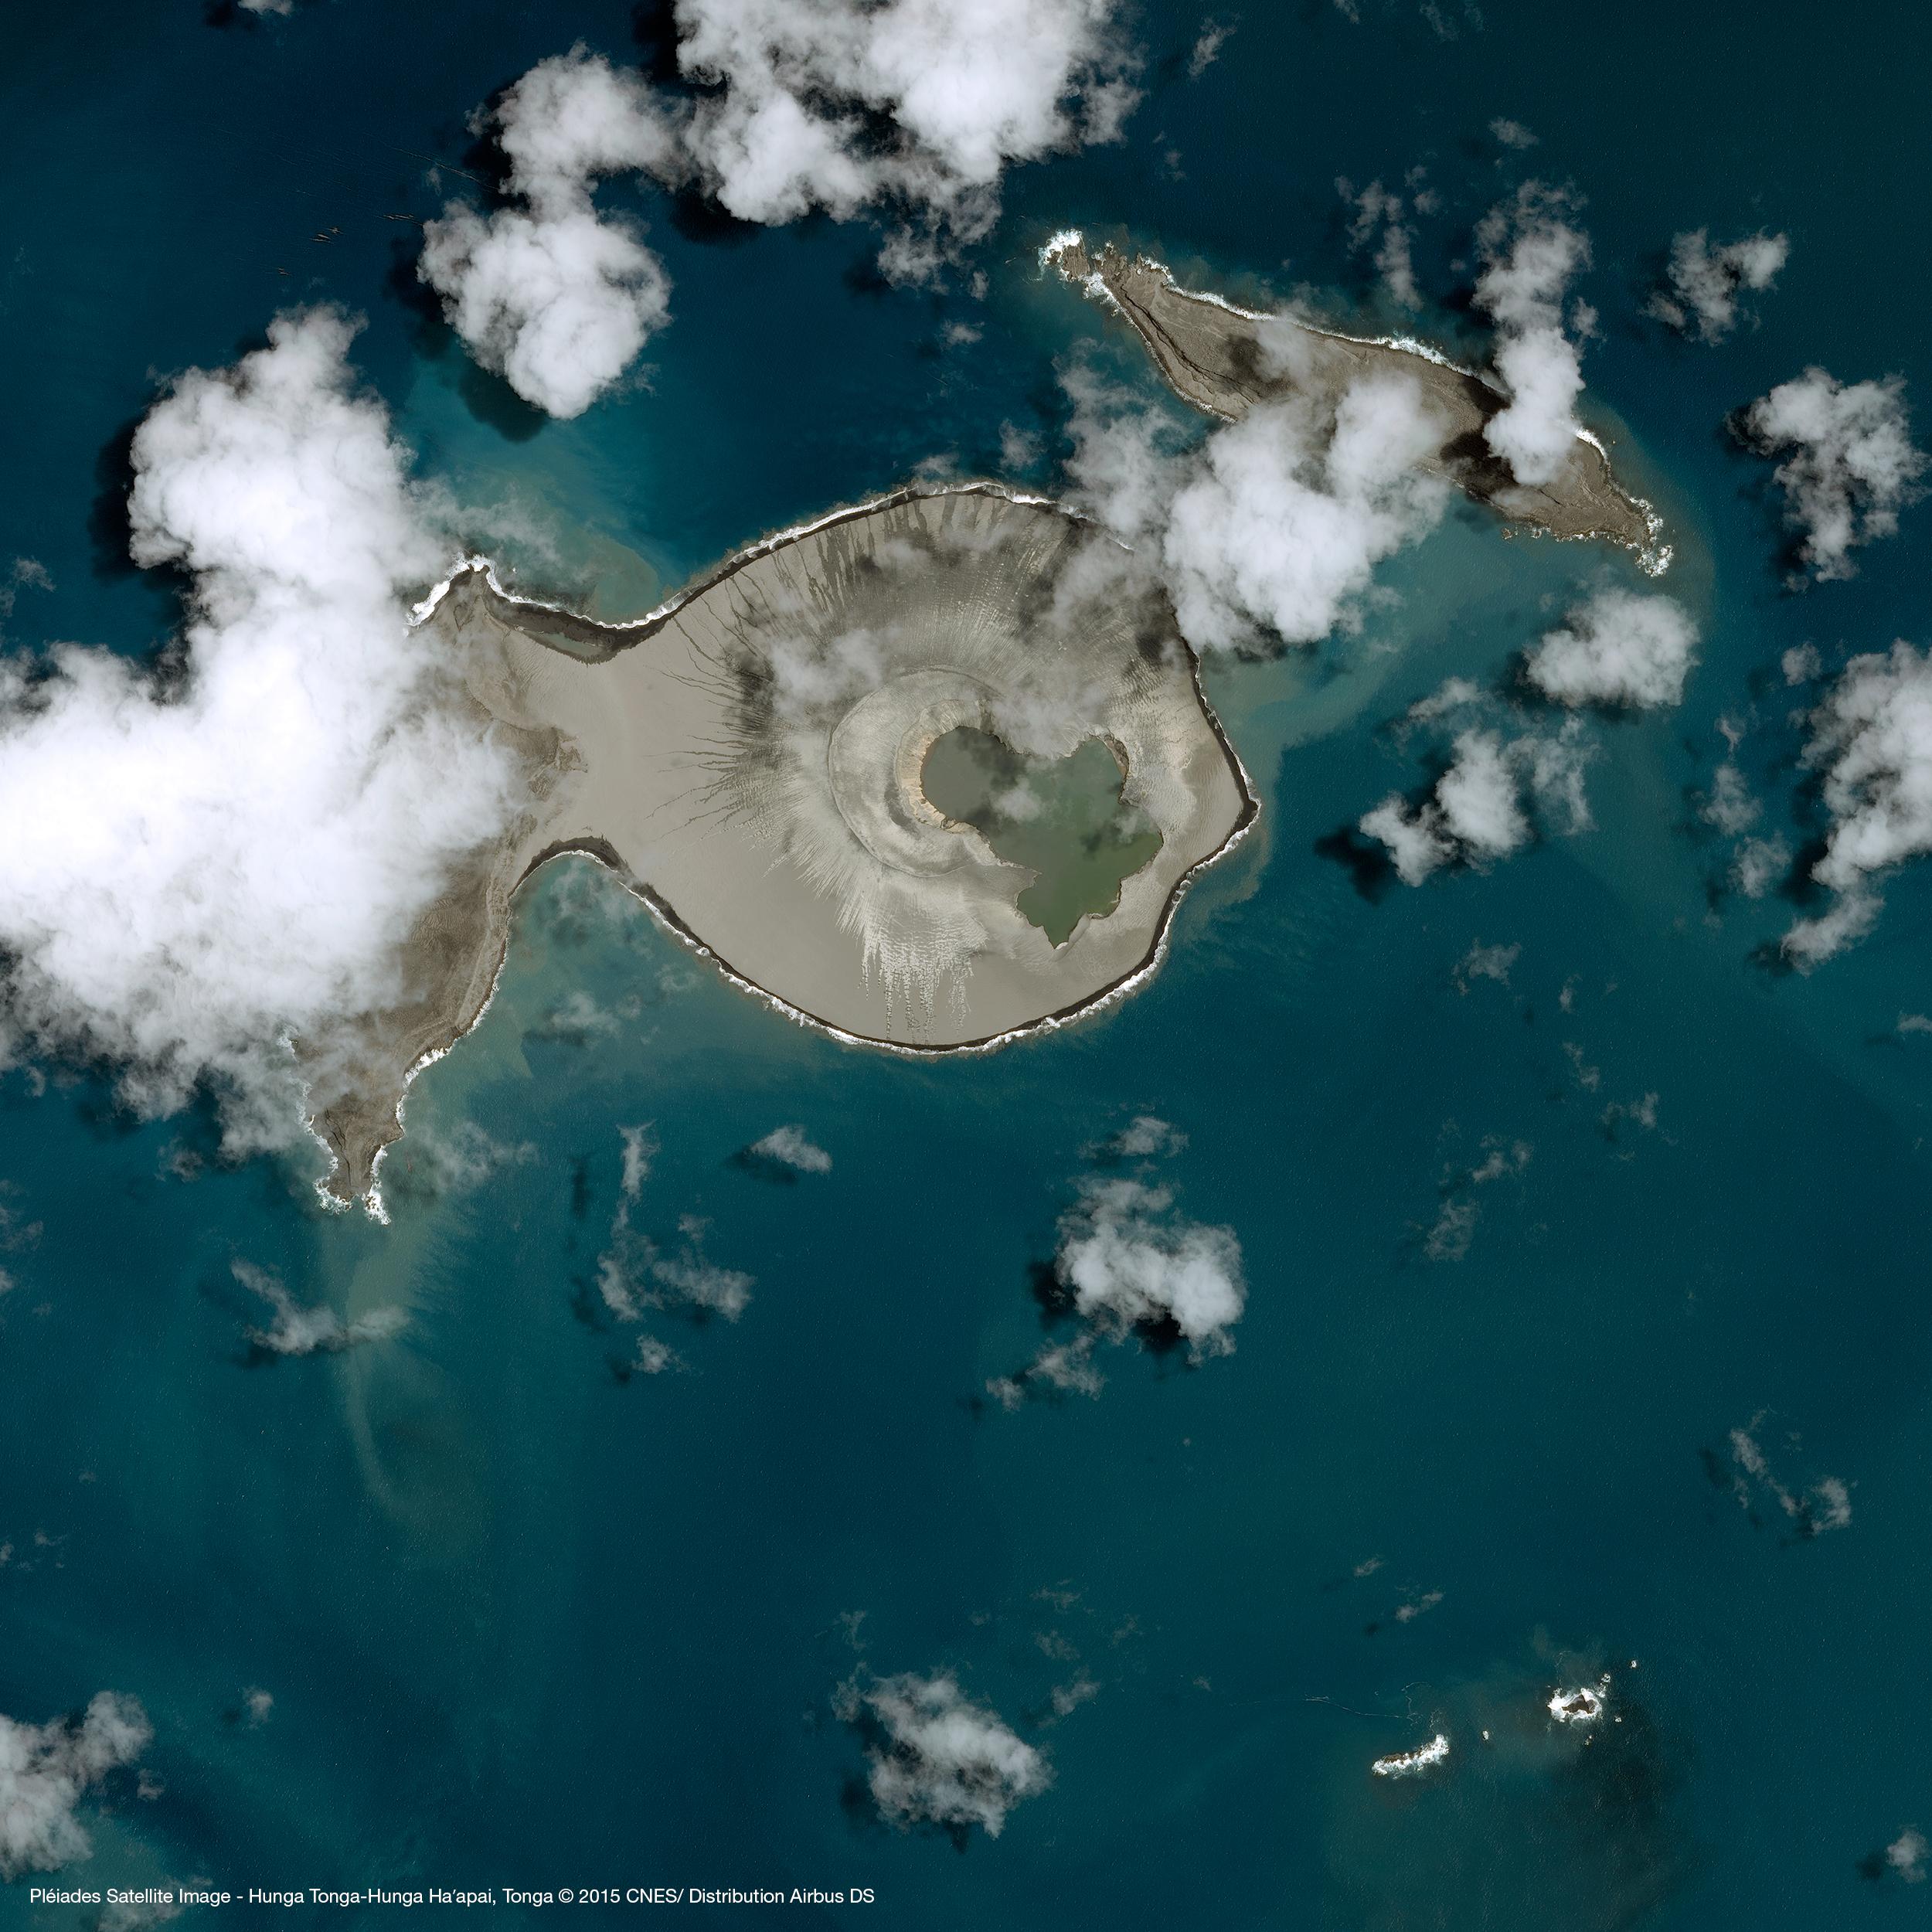 r35411_39_satellite_image_pleiades_hunga-tonga-hunga-haapai_tonga_20150119-2.jpg